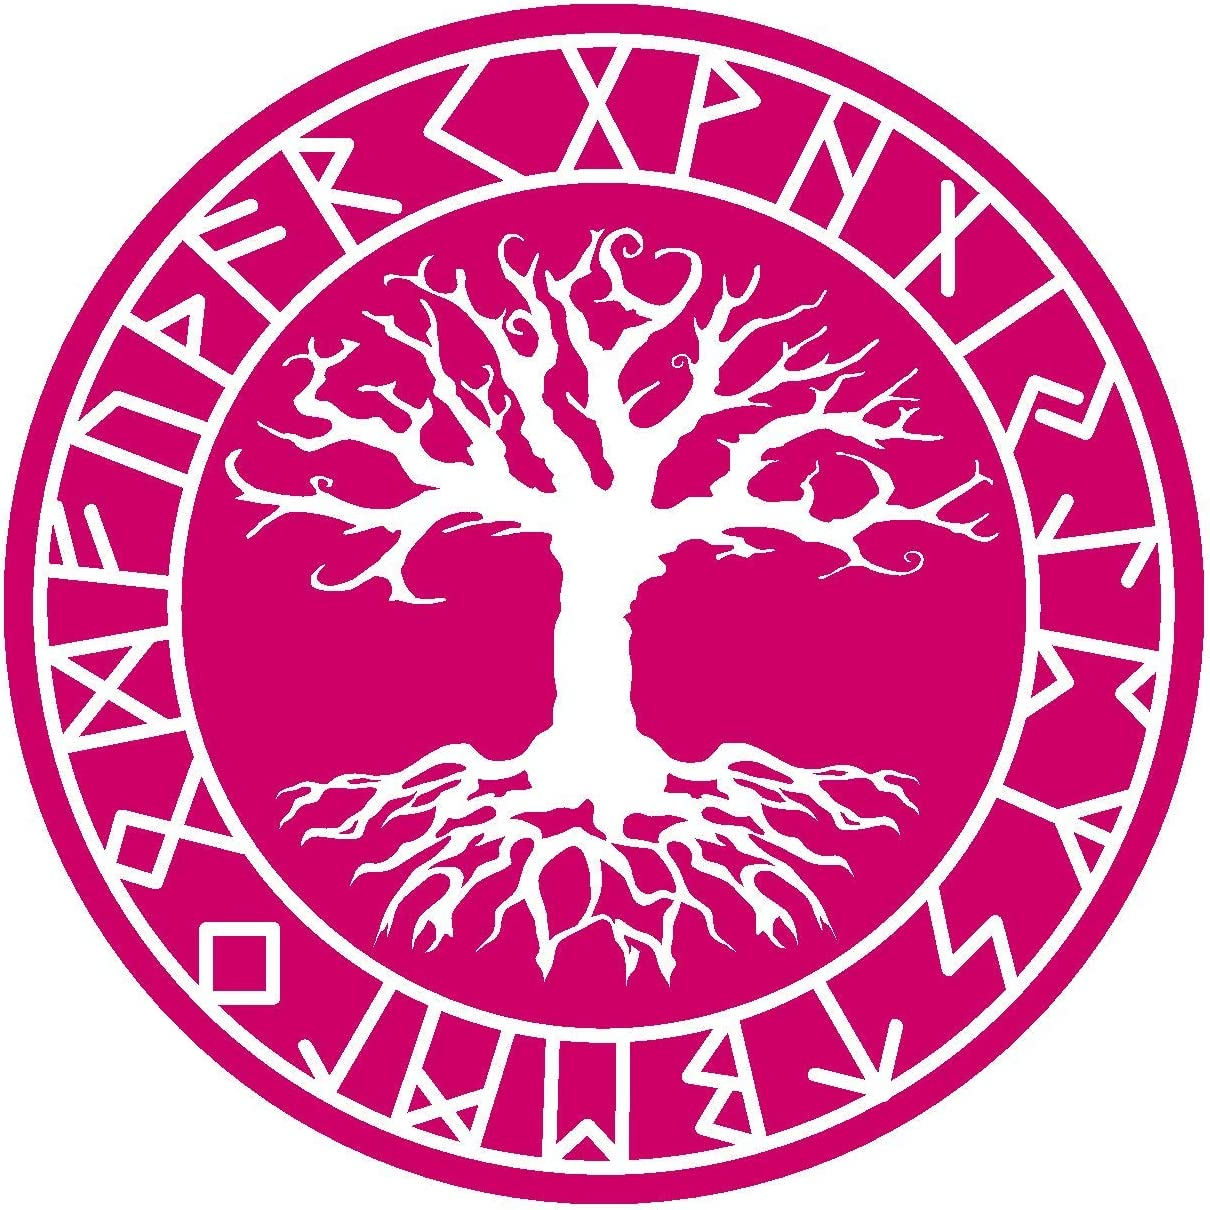 Samunshi Aufkleber Yggdrasil Mit Runen 4 Vikings Wikinger Für Auto Motorrad In 11 Größen Und 25 Farben 20x20cm Pink Küche Haushalt